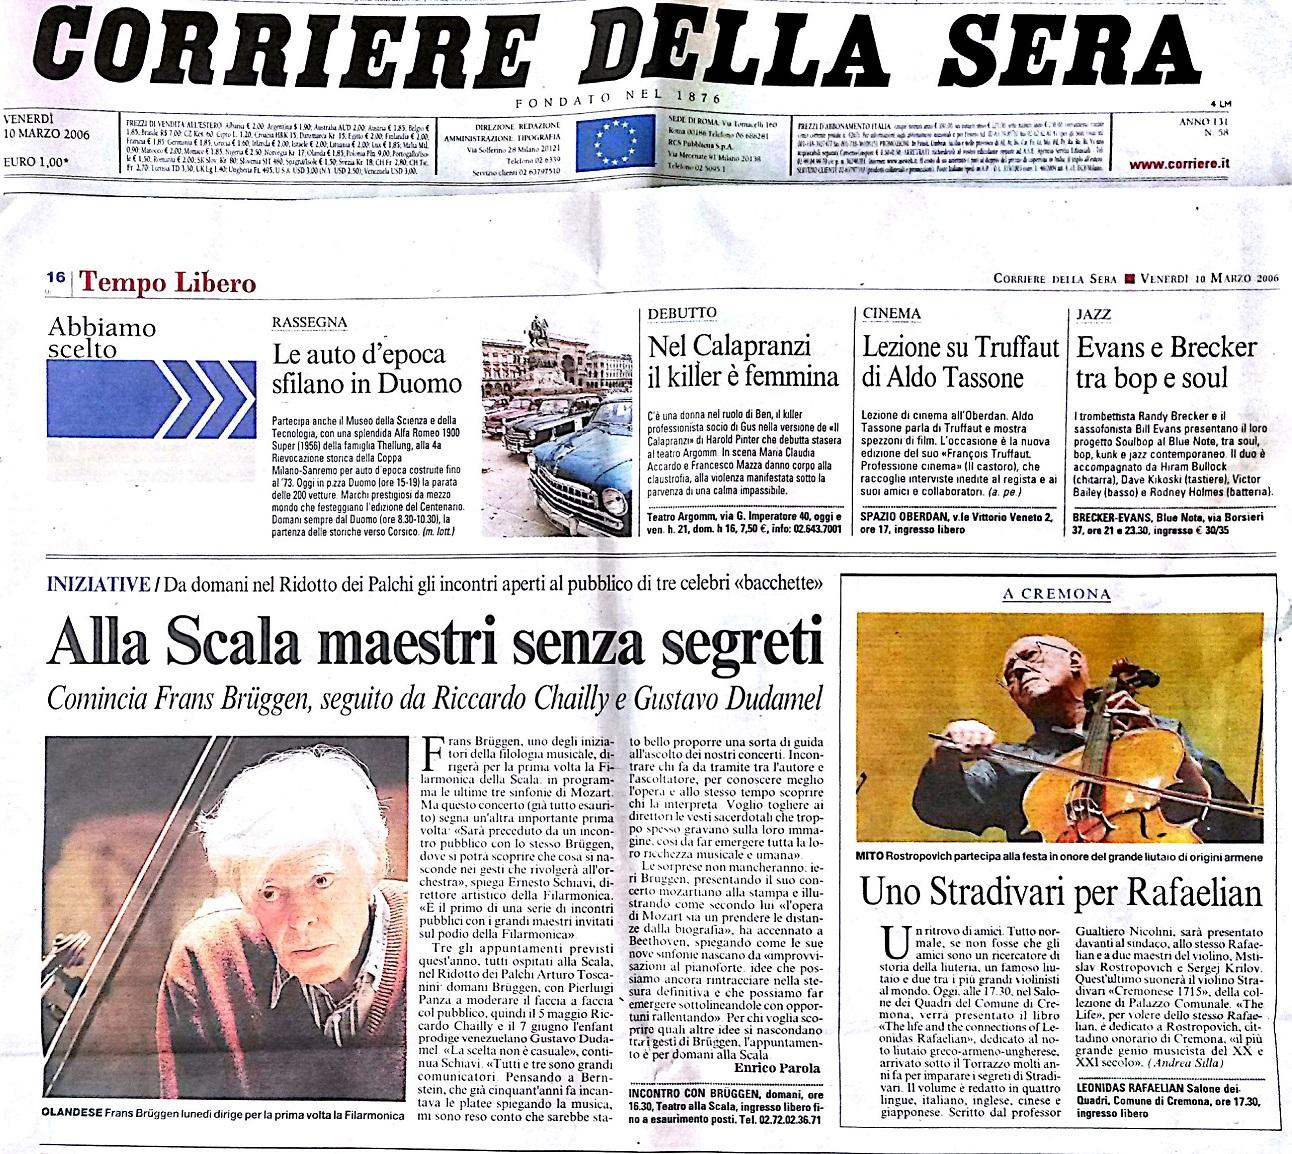 In Corriere della Sera 2006/03